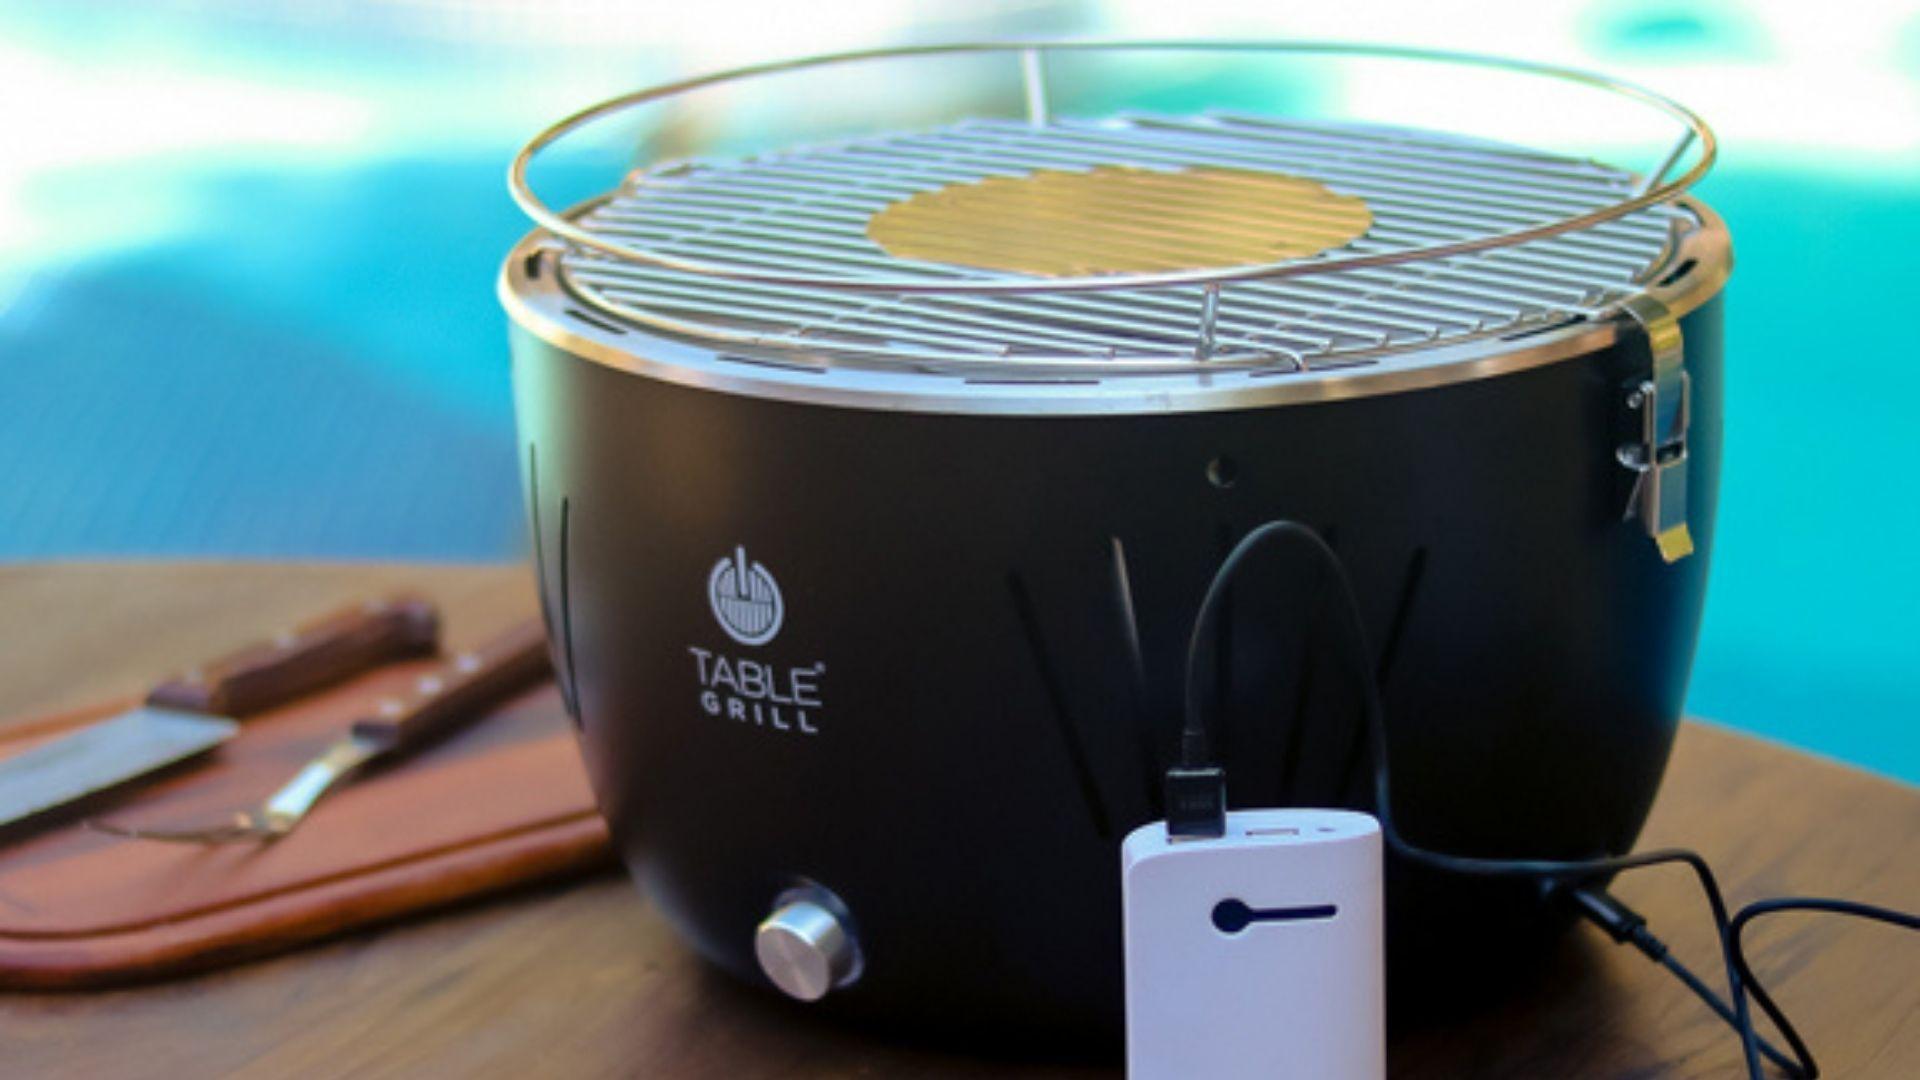 Veja a nossa análise e confira se a Table Grill é o modelo ideal para você (Foto: Divulgação/Table Grill)